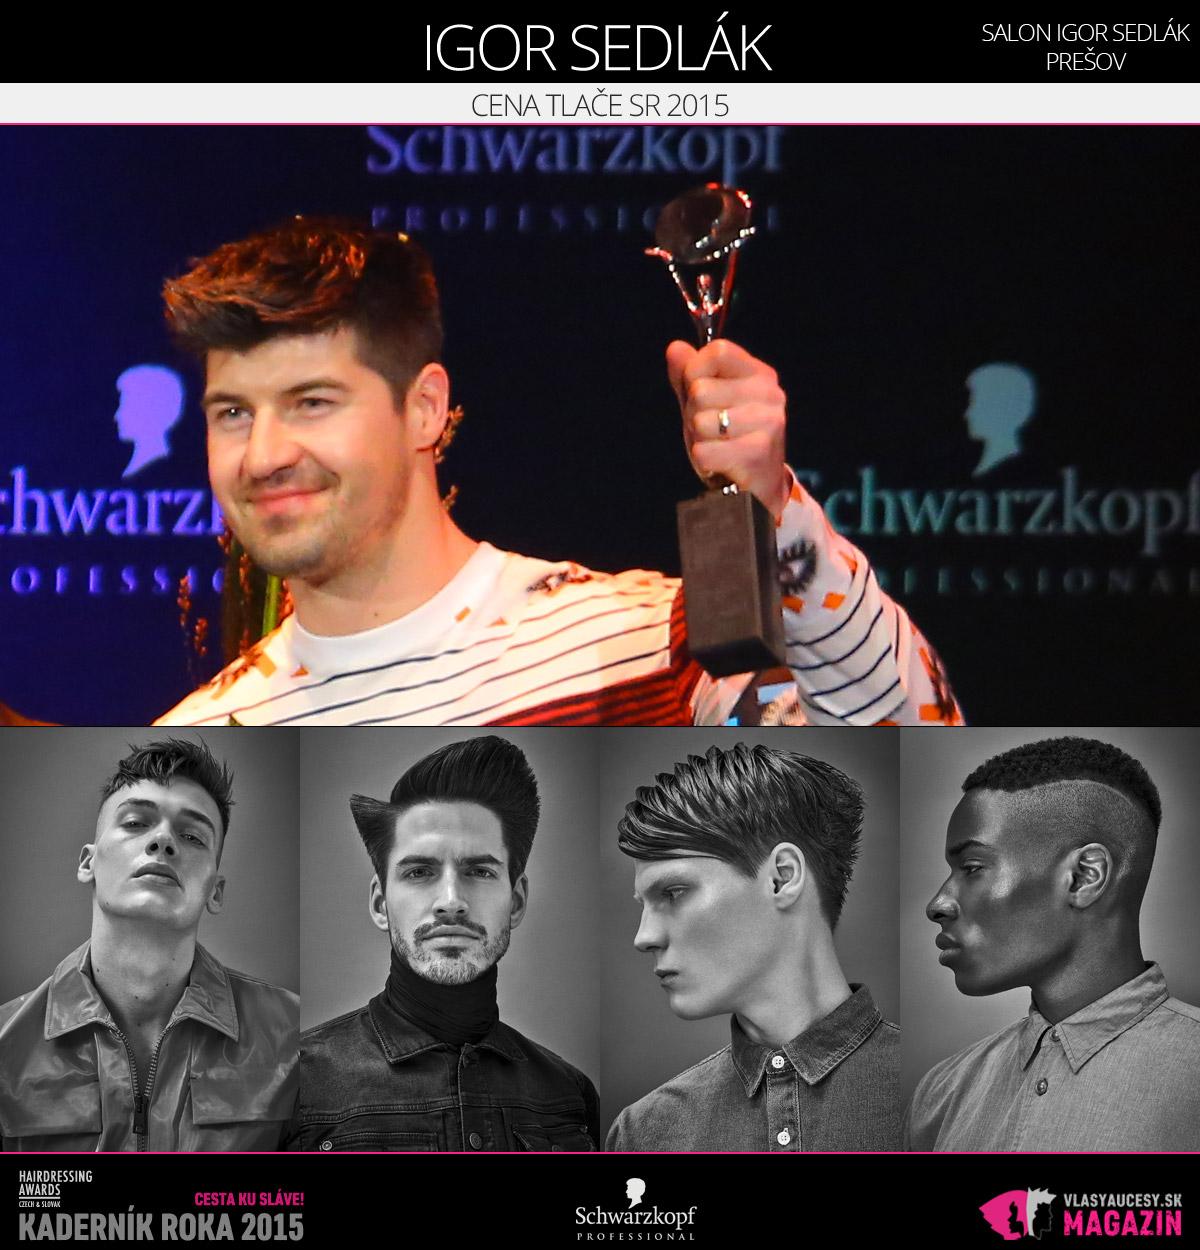 Víťazom v kategórii Cena tlače SR Czech and Slovak Hairdressing Awards 2015 je Igor Sedlák zo Salónu Igor Sedlák Prešov.